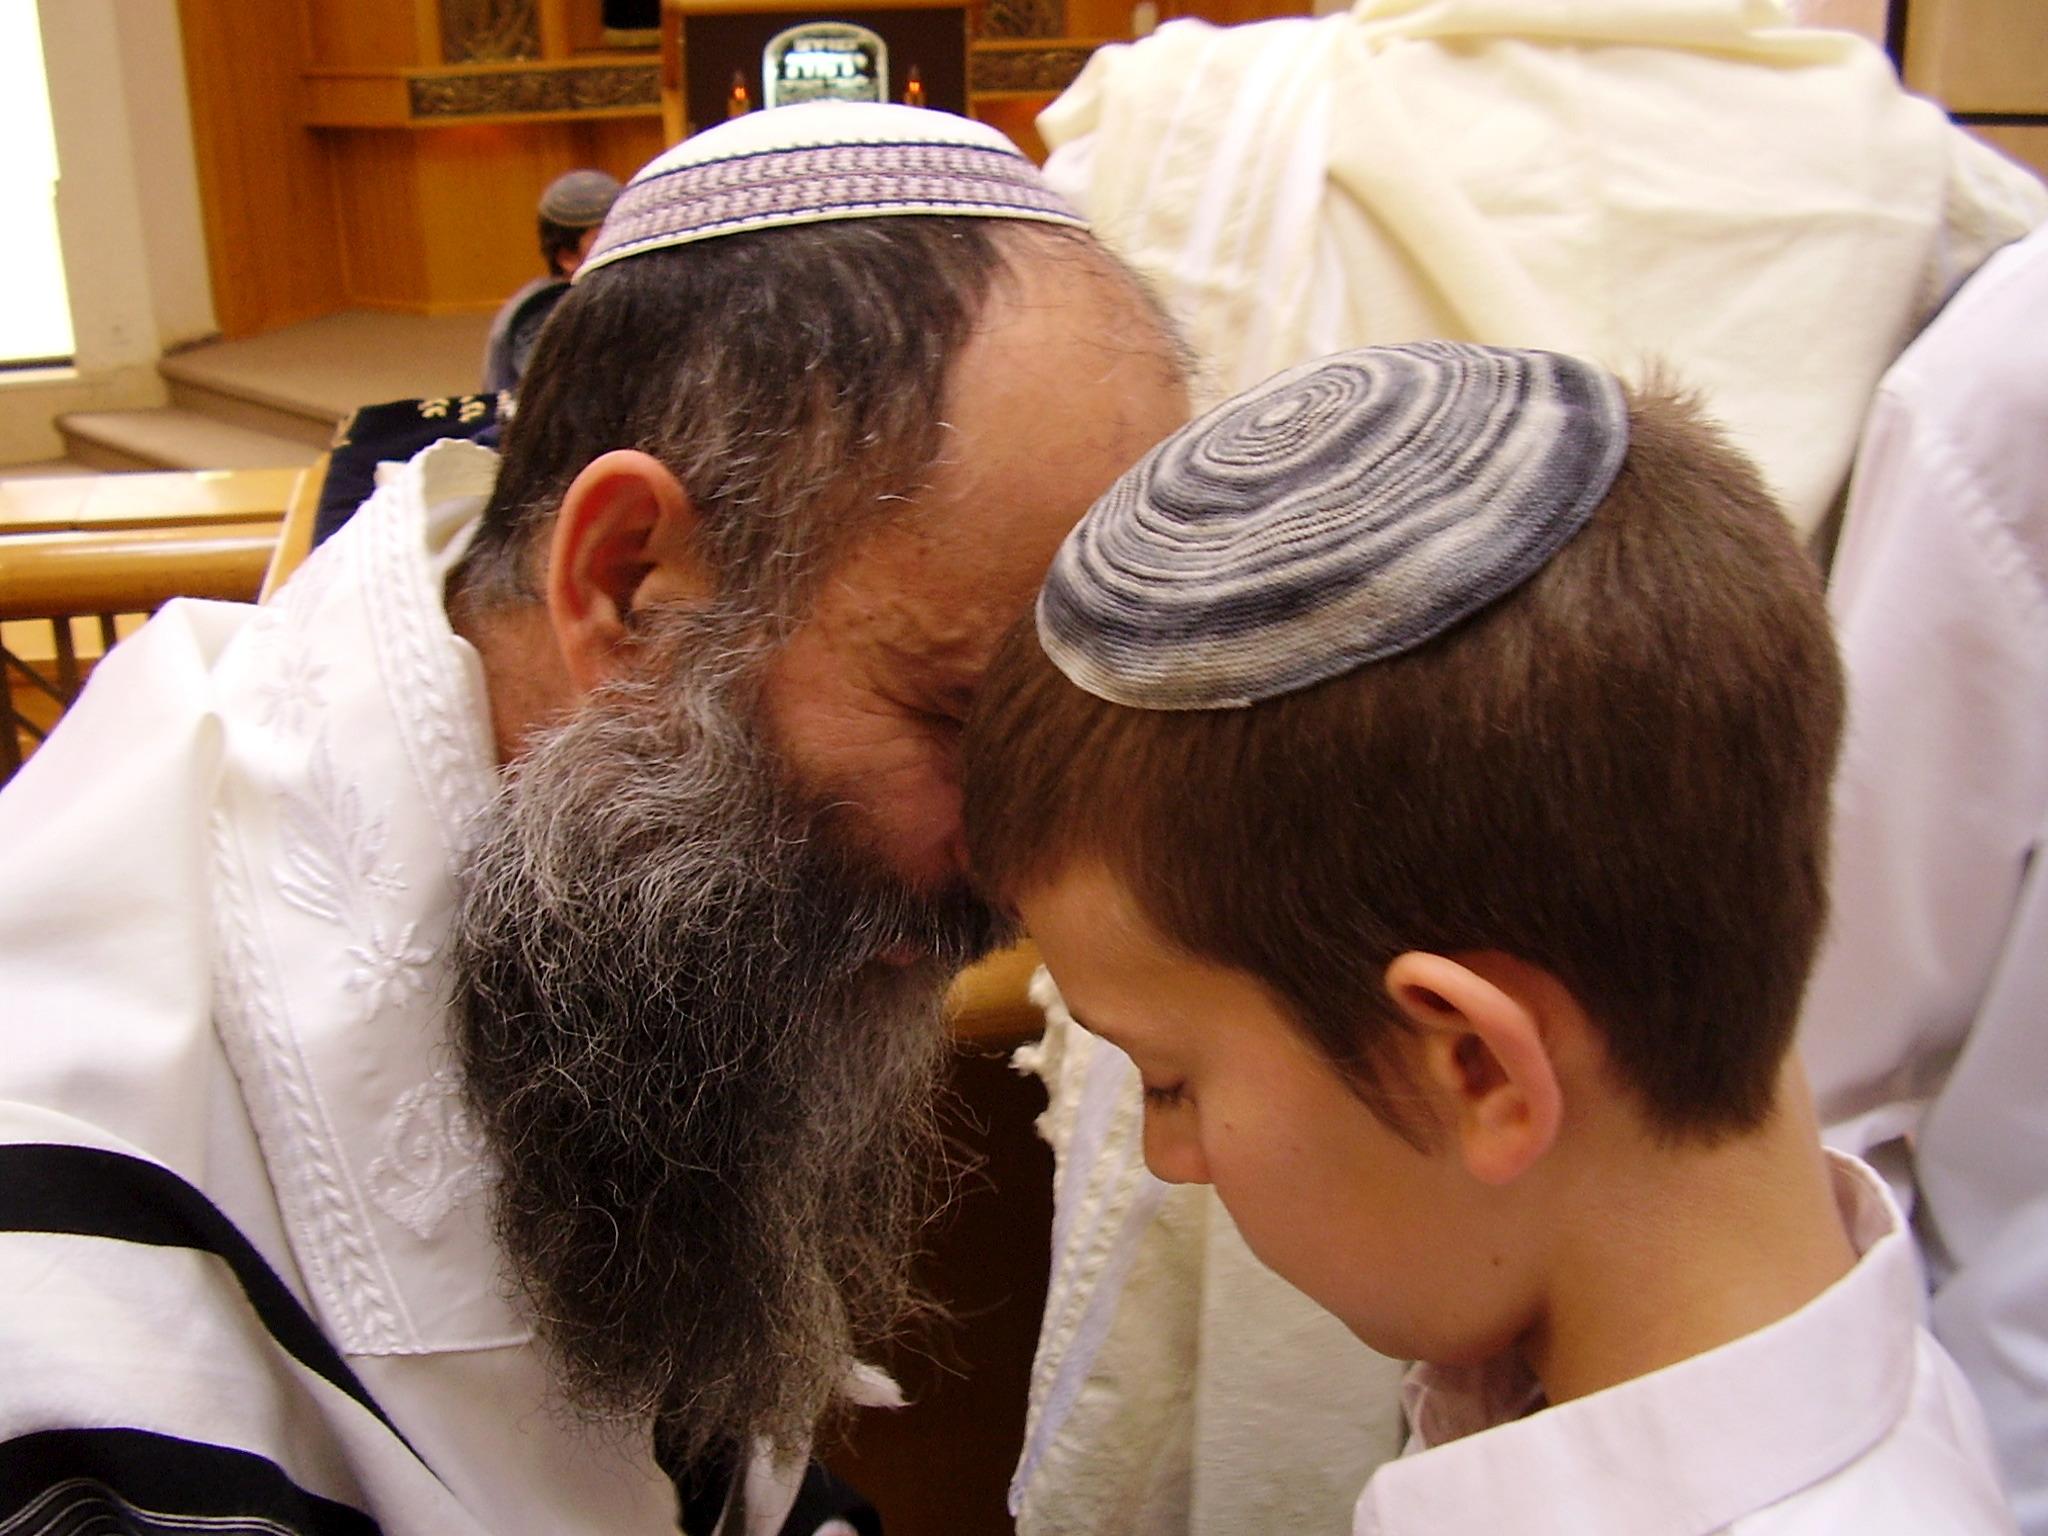 ישי מקבל ברכה מאבא הסנדק בברית של האחיין נעם באבד